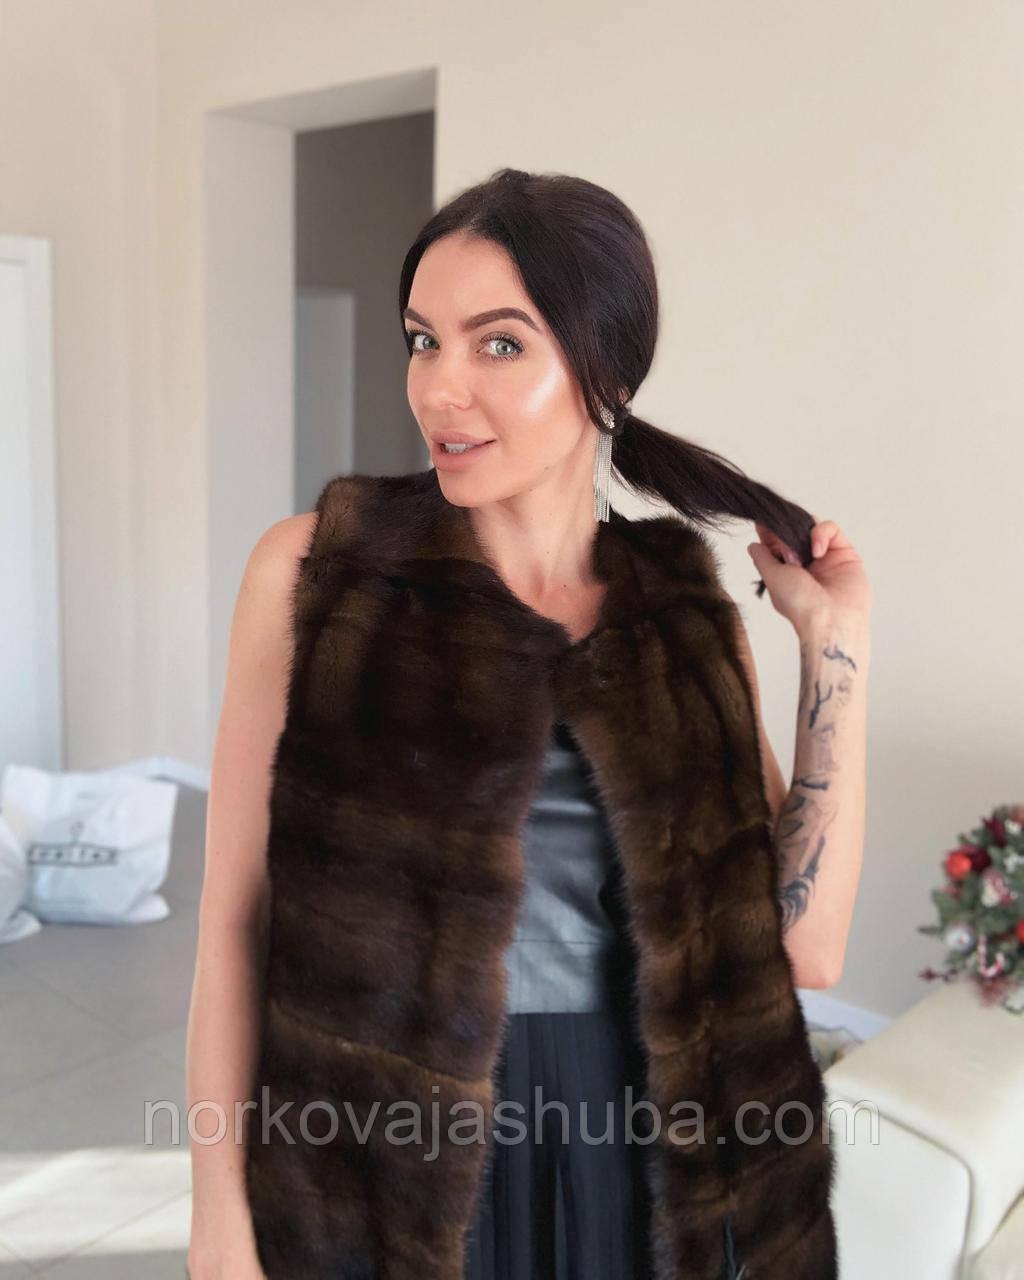 Норковая женская жилетка коричневая натуральный мех поперечка размер M